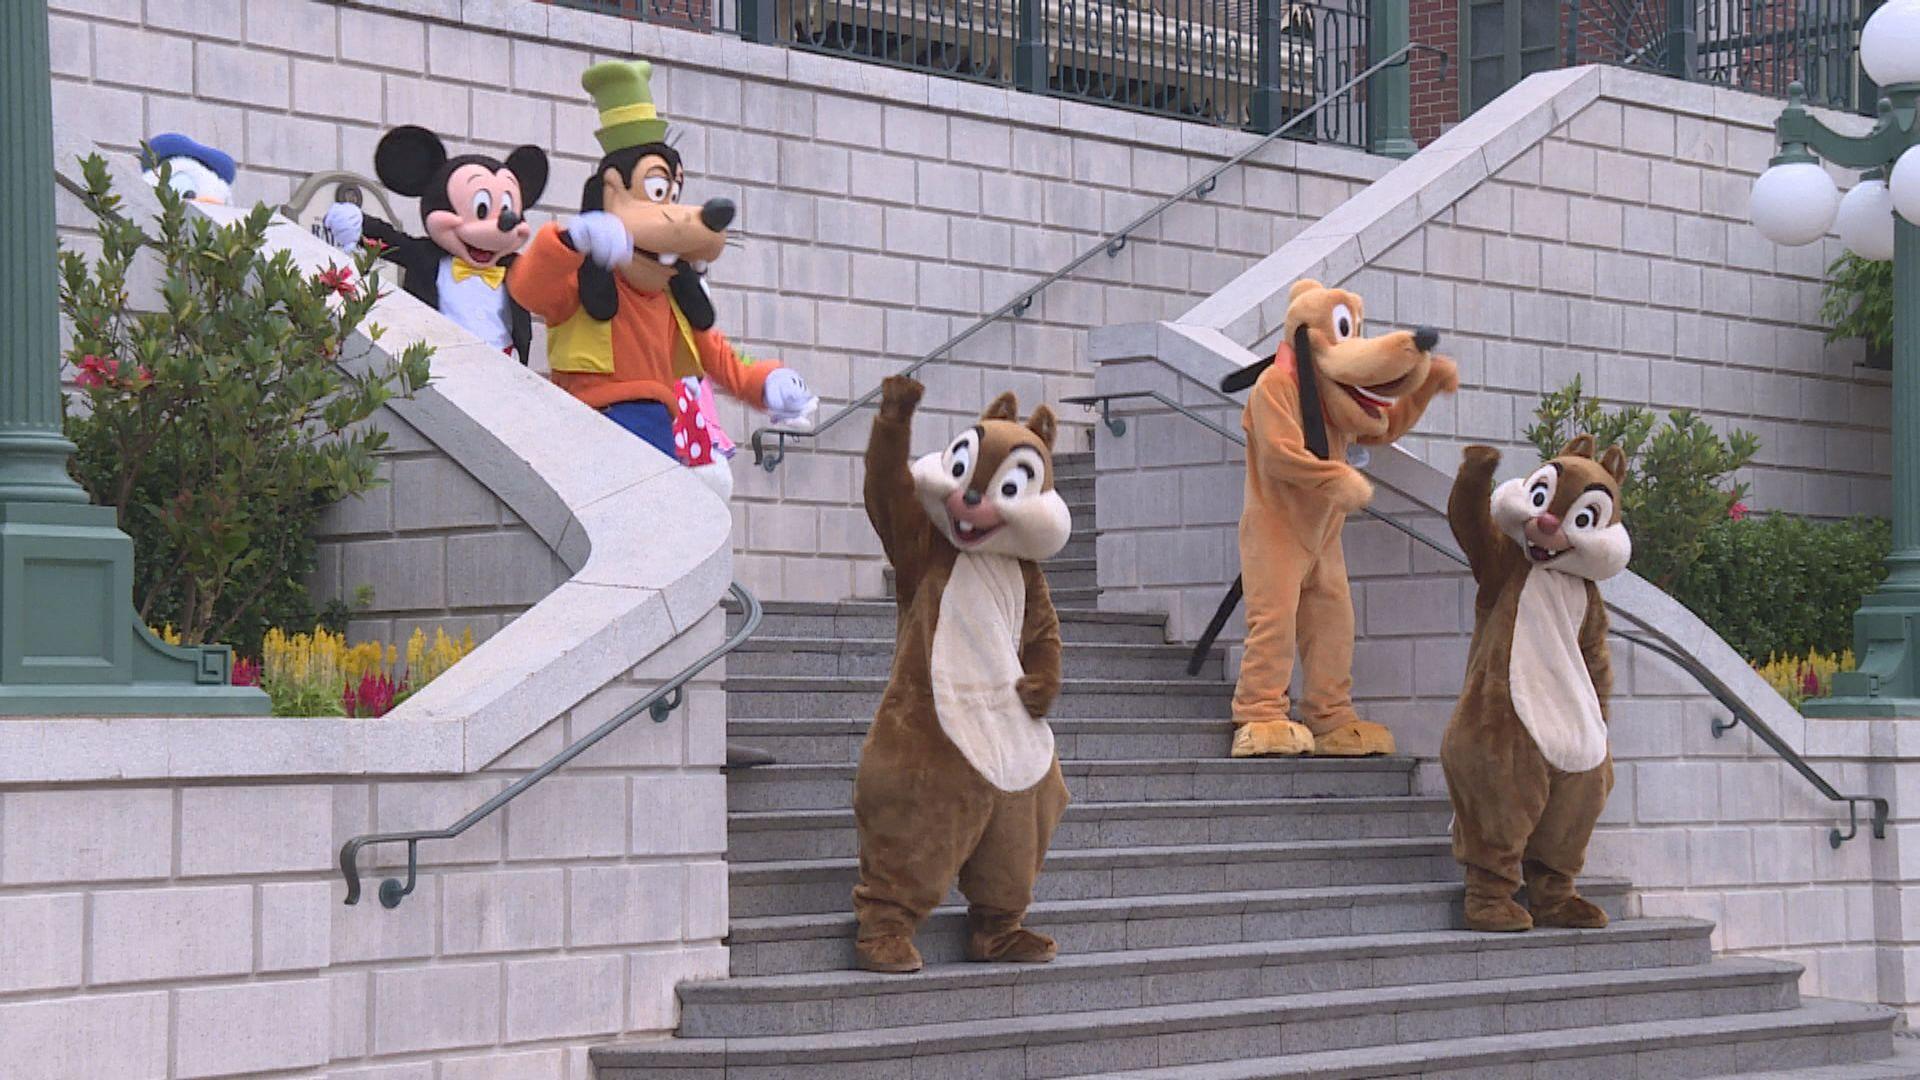 香港迪士尼淨虧損27億元 無計劃裁員